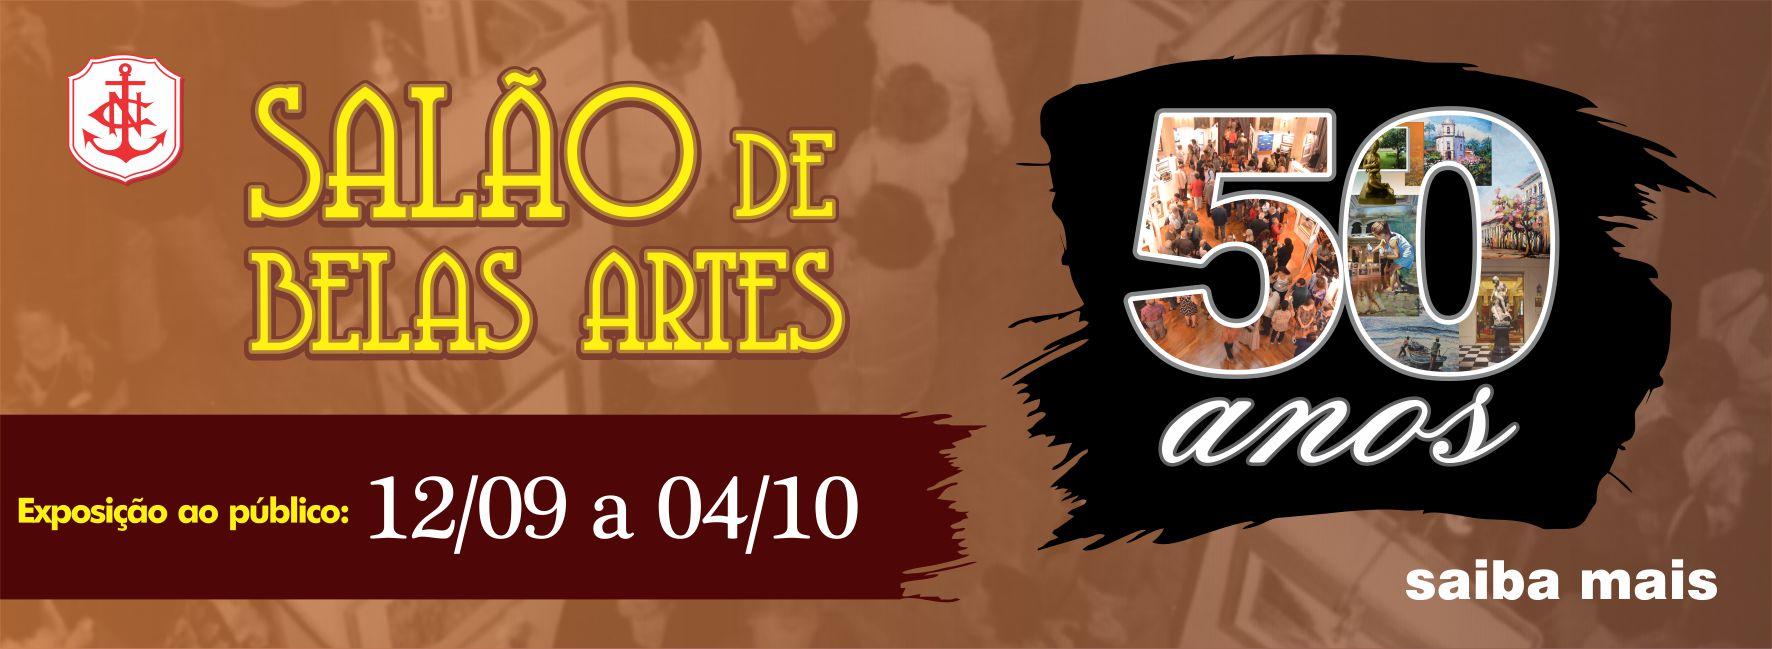 https://www.clubenaval.org.br/novo/?q=50-anos-do-sal%C3%A3o-de-belas-artes-2019